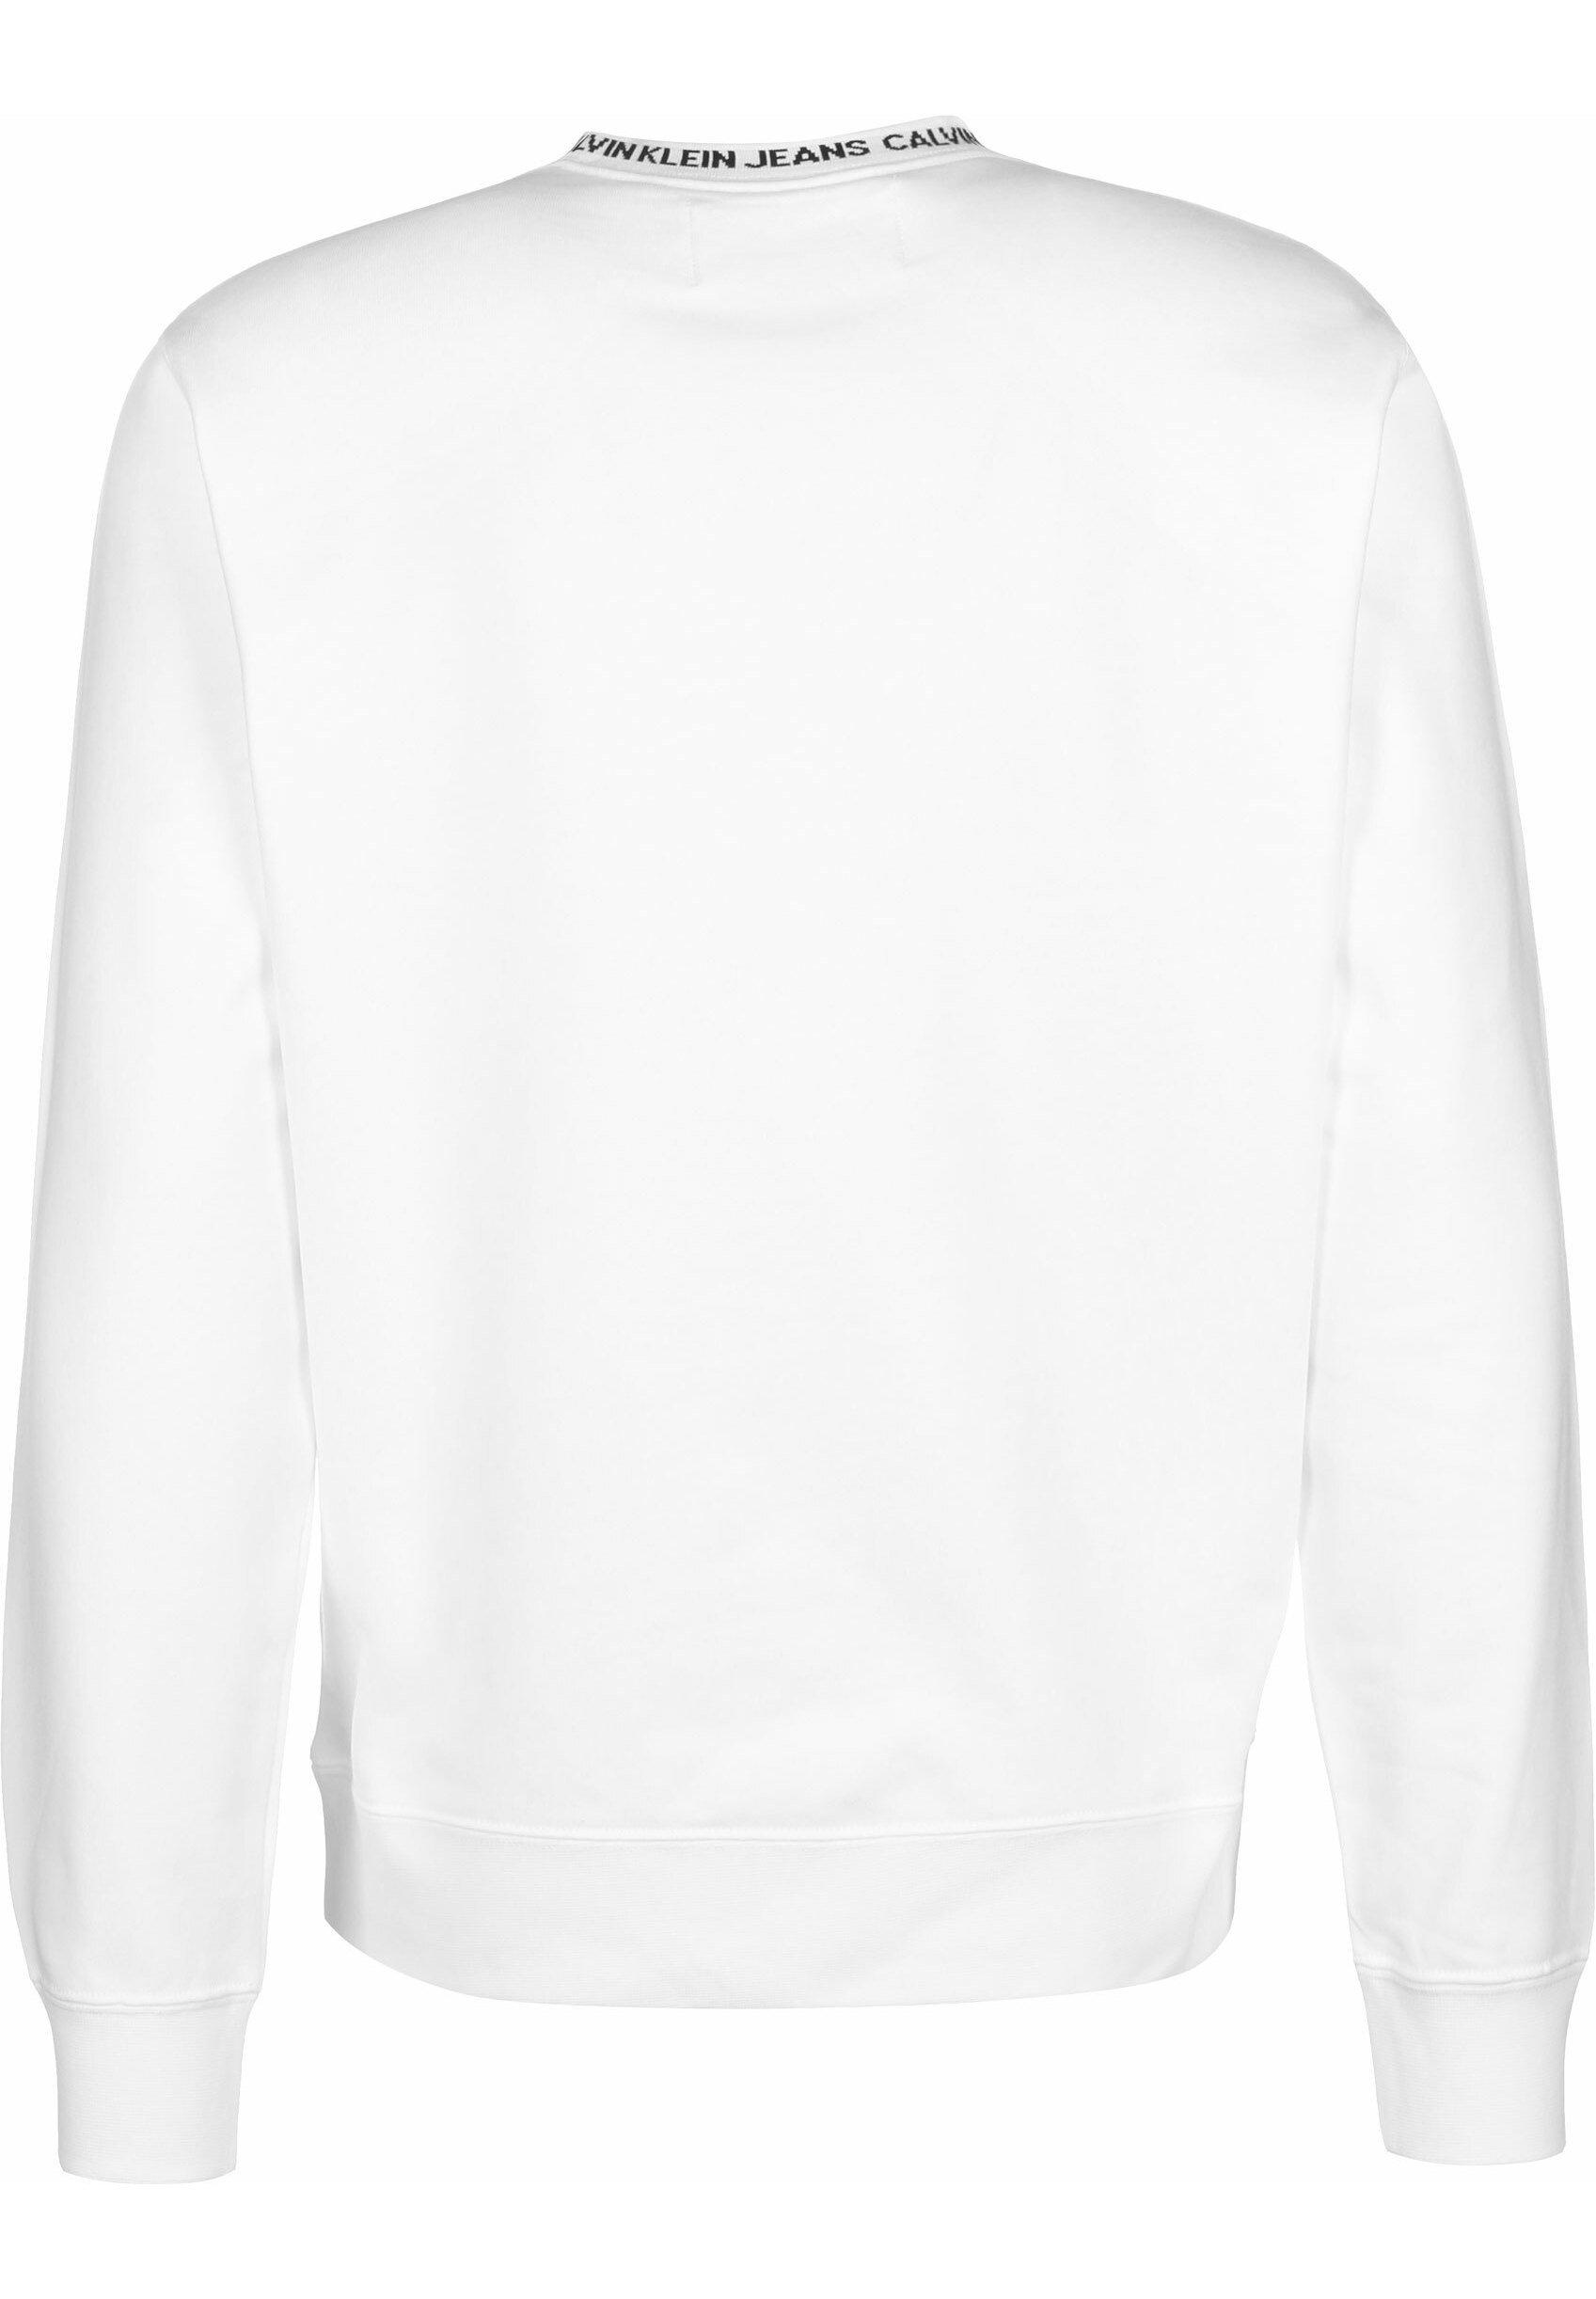 Calvin Klein Jeans Sweatshirt - white